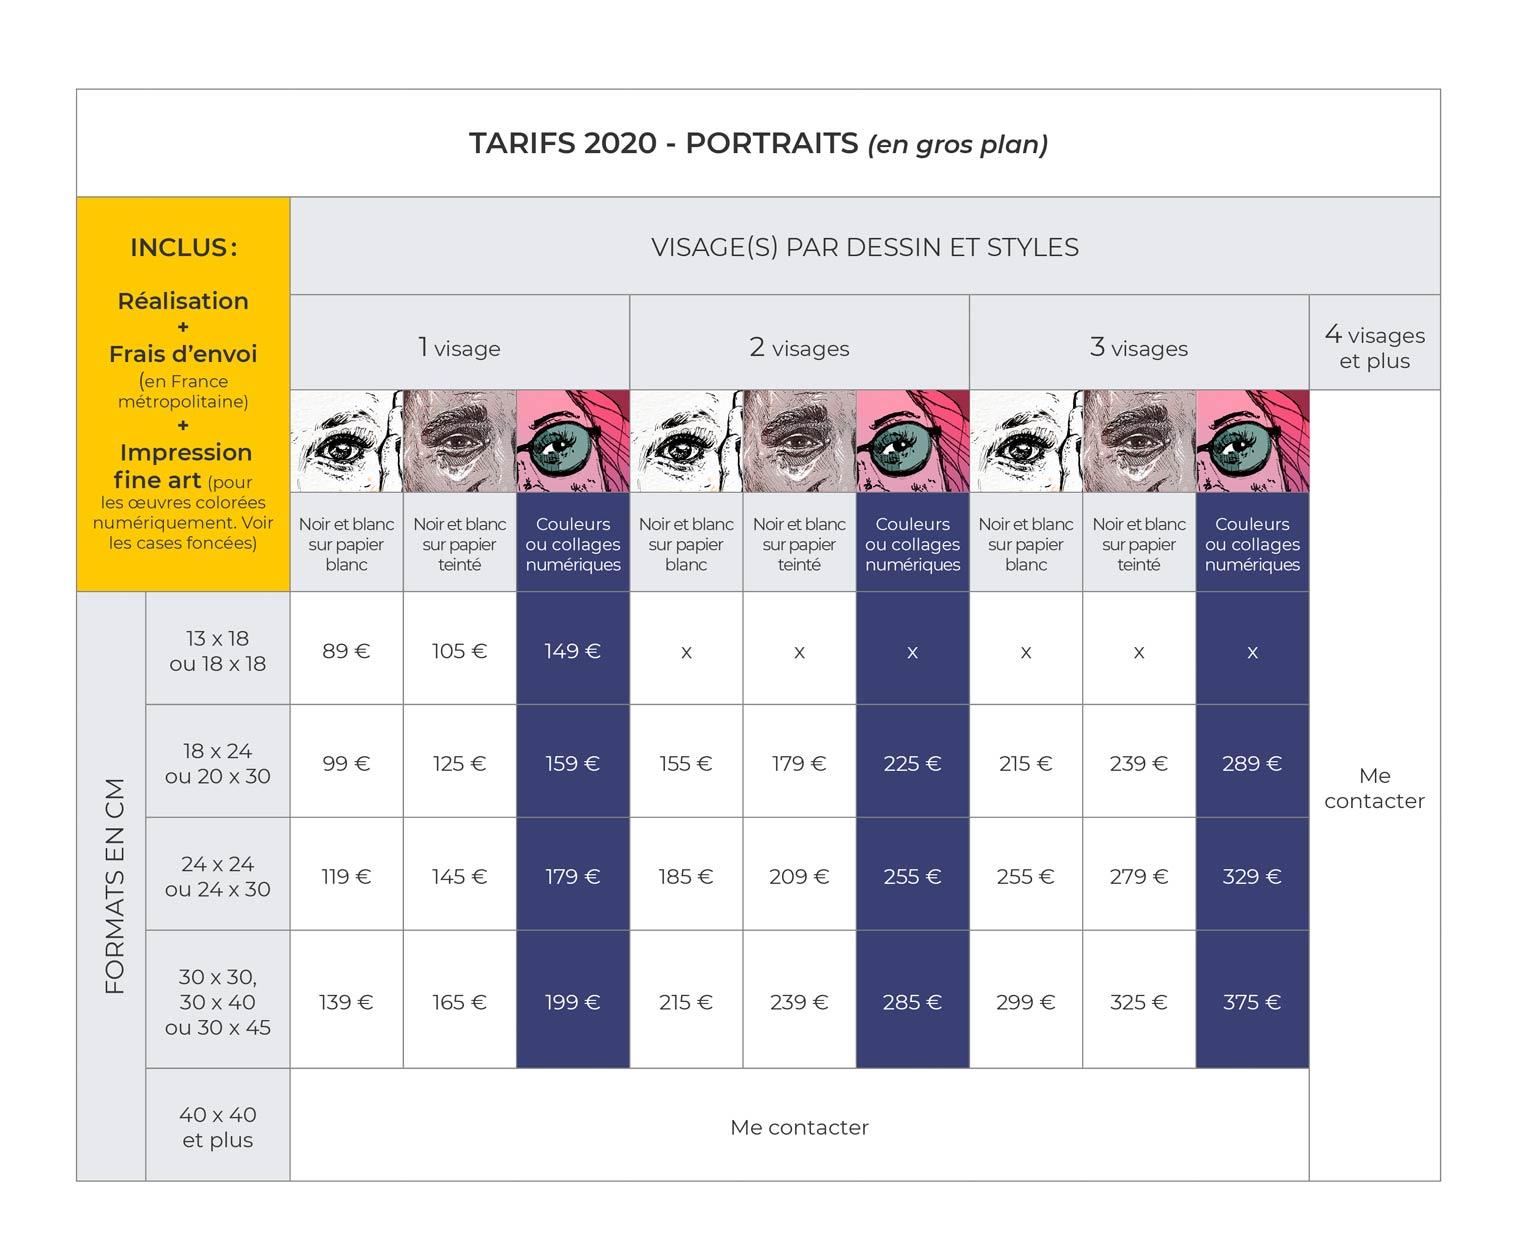 Tableau de tarifs pour la réalisation de portraits dessinés